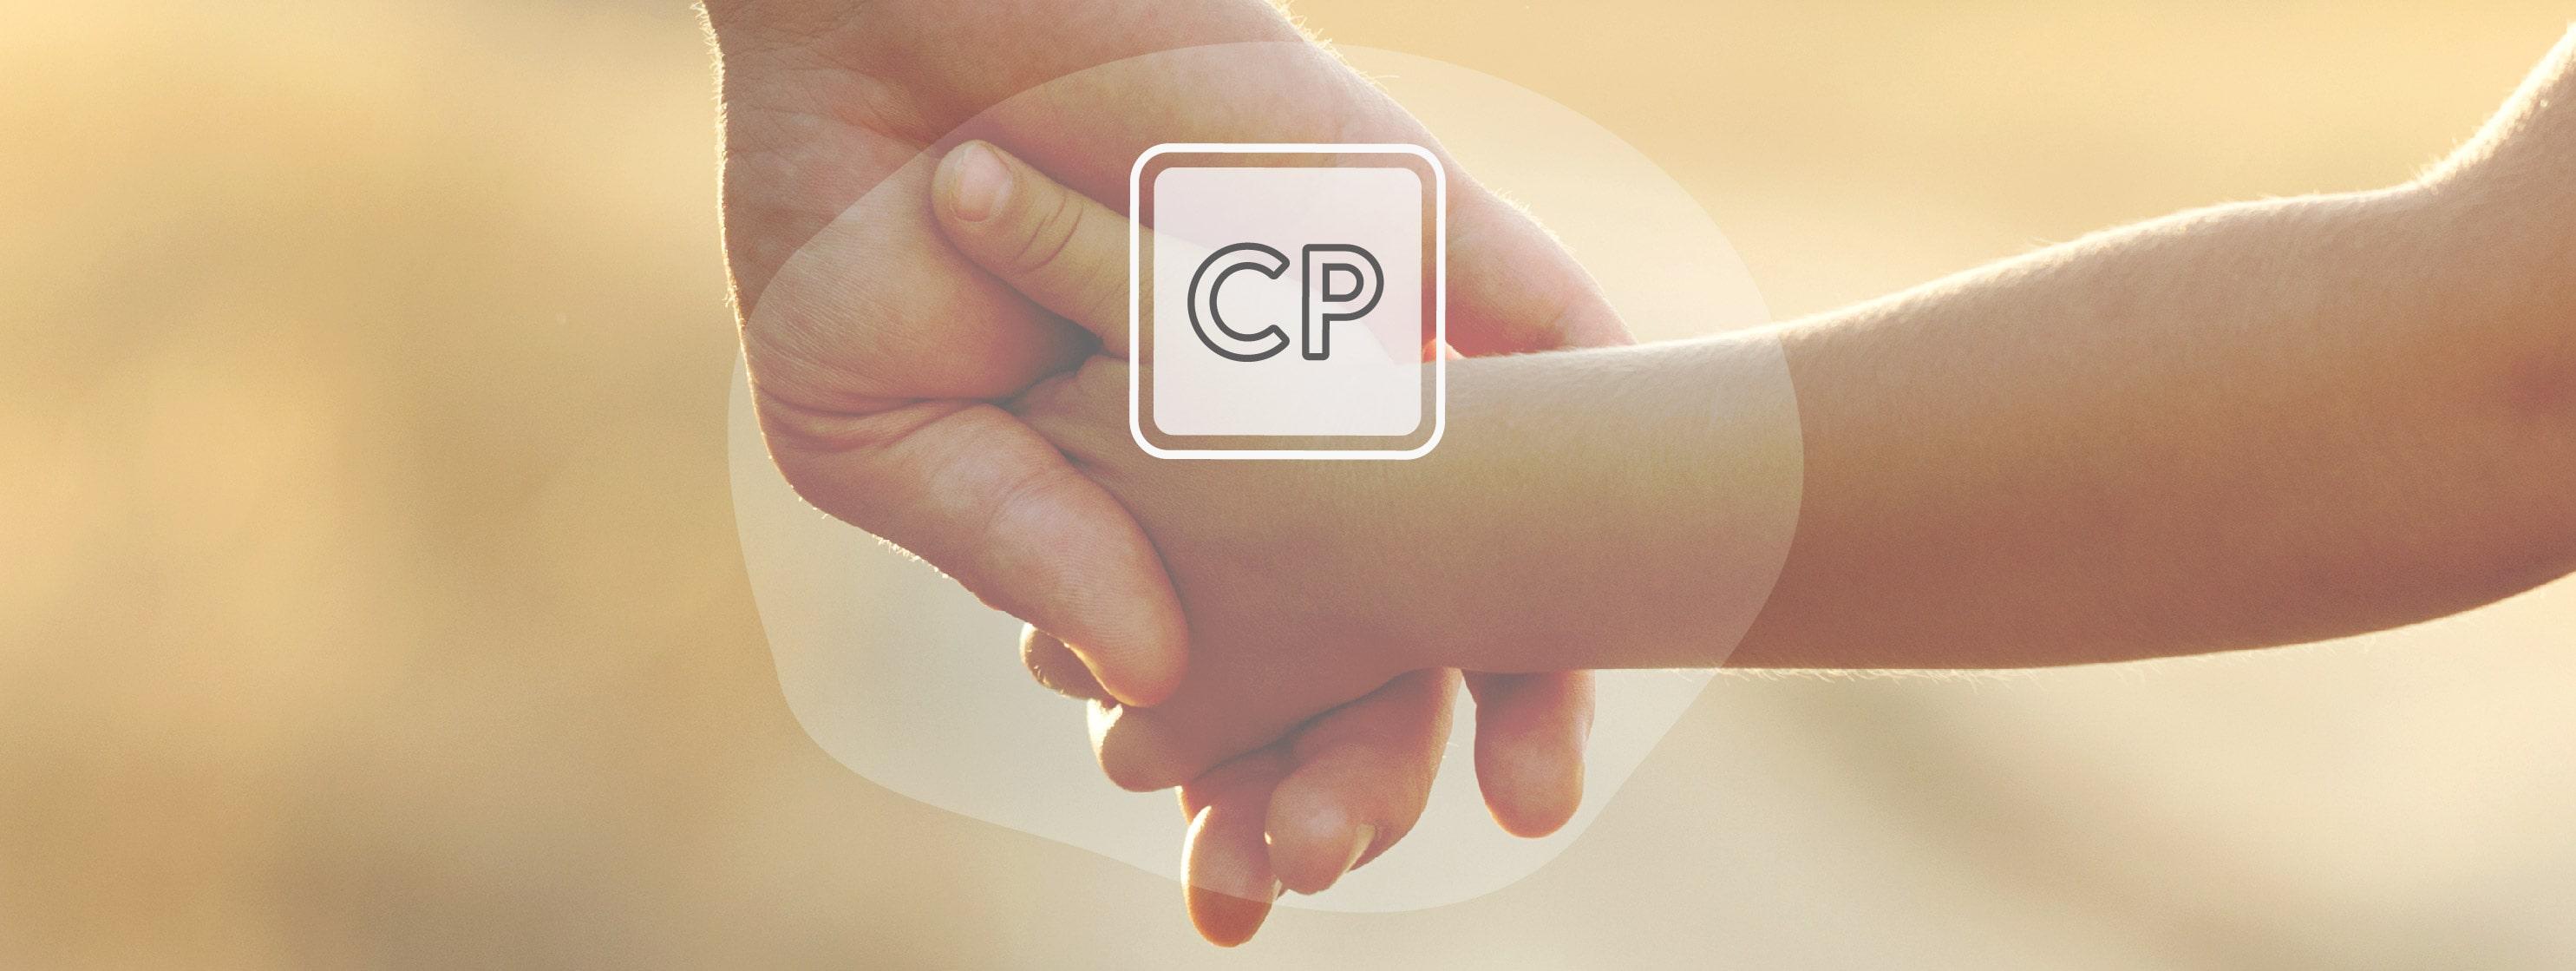 conscious-parenting-course-ayam